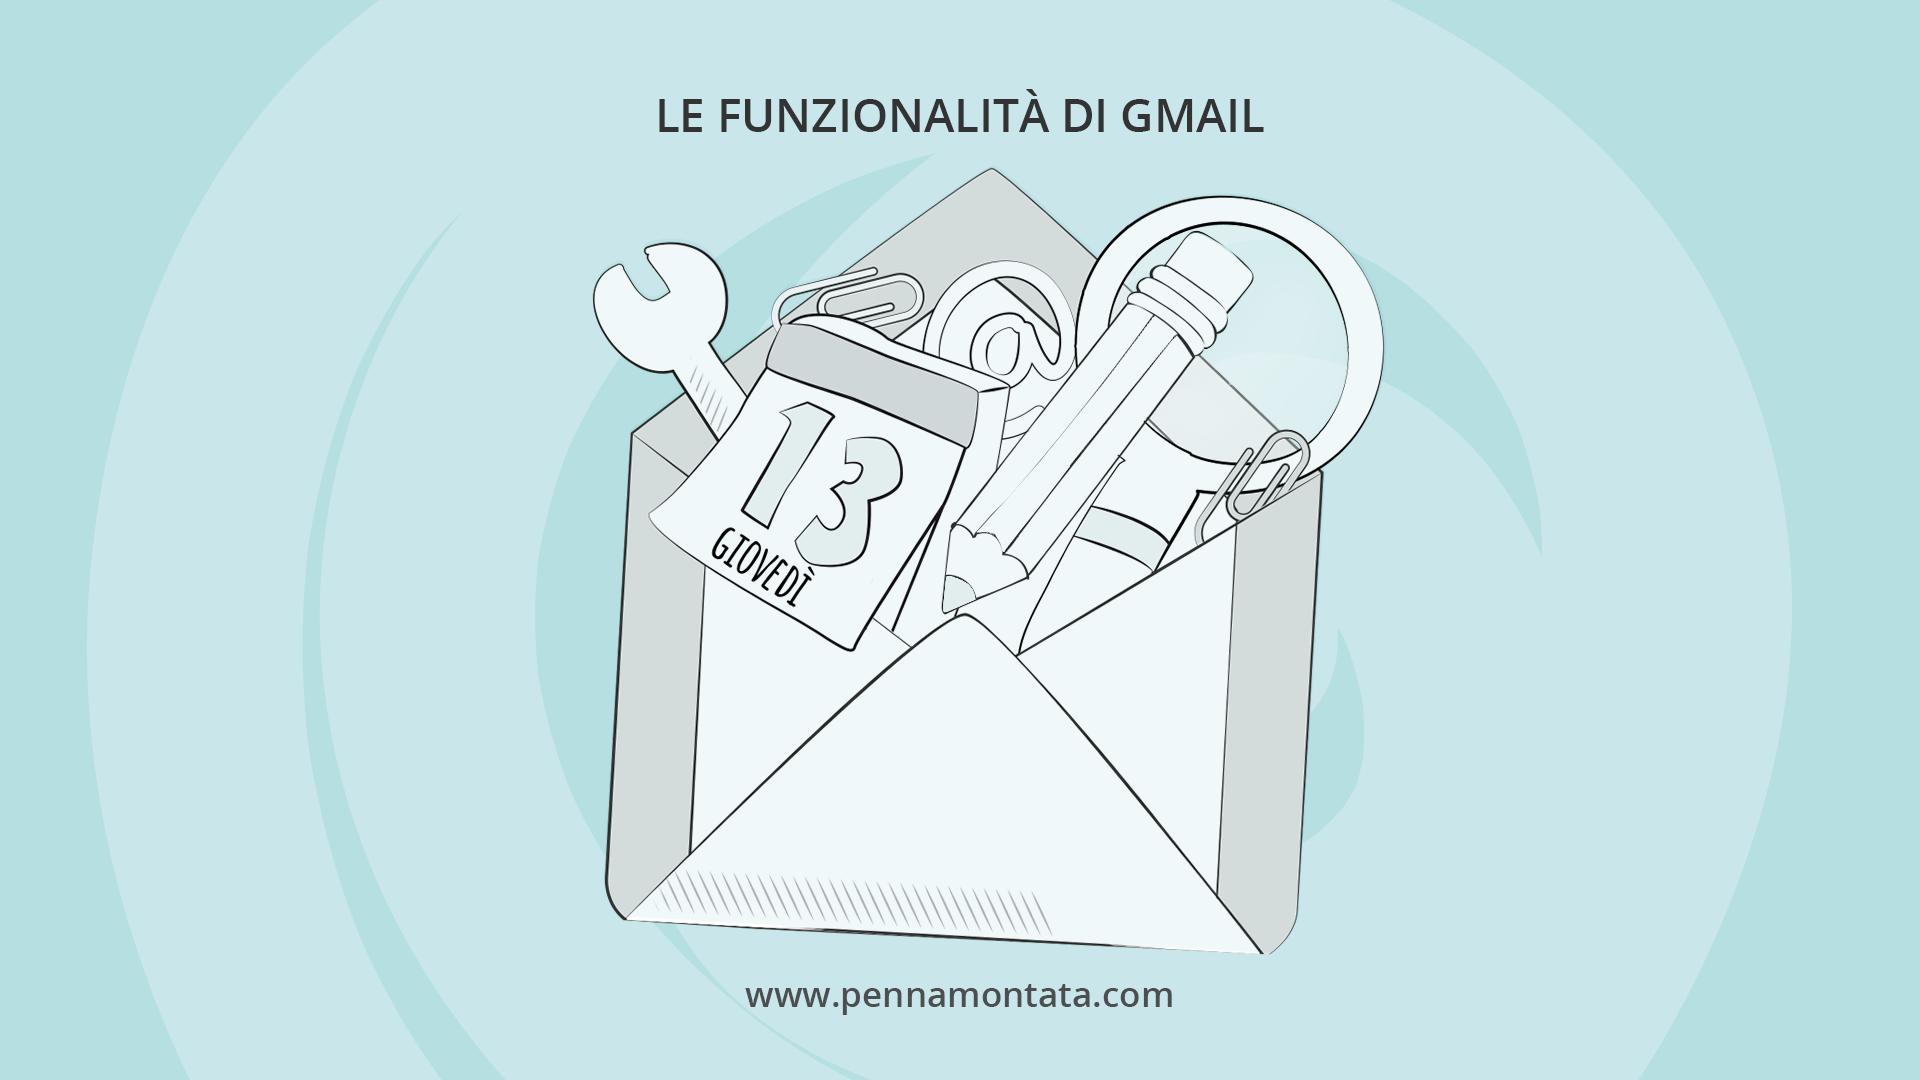 Funzionalità di Gmail